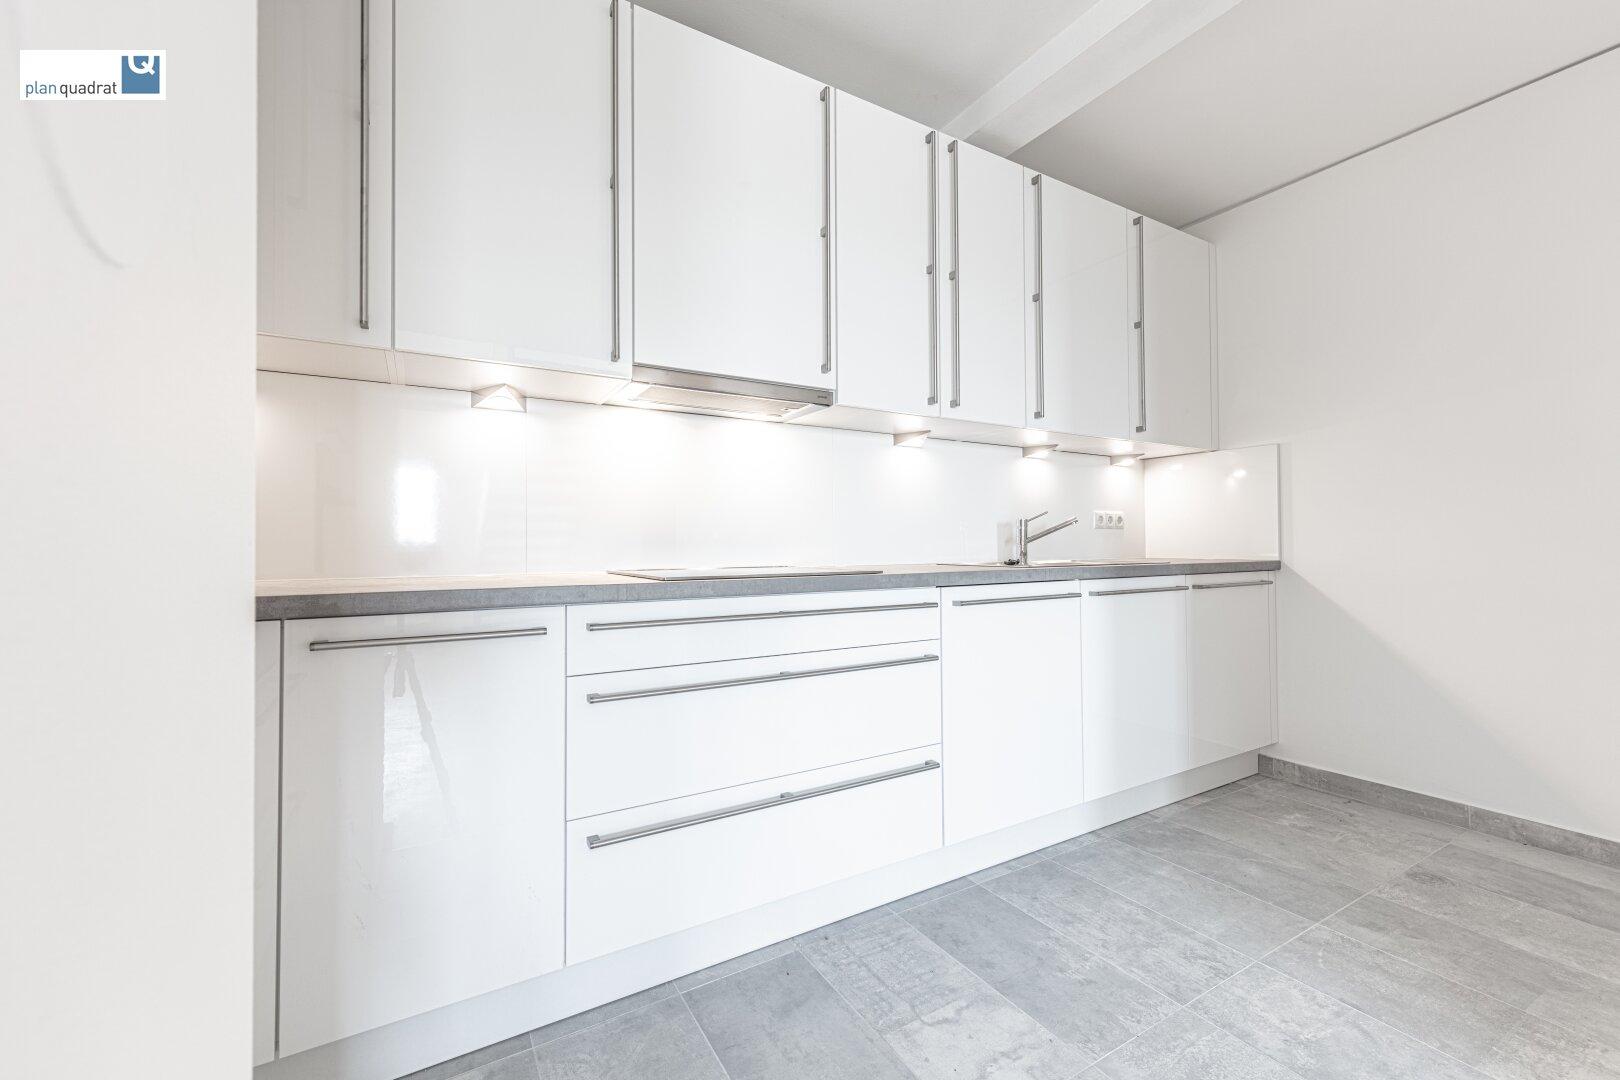 Küche (ca. 7,90 m²) mit neuer Einbauküche